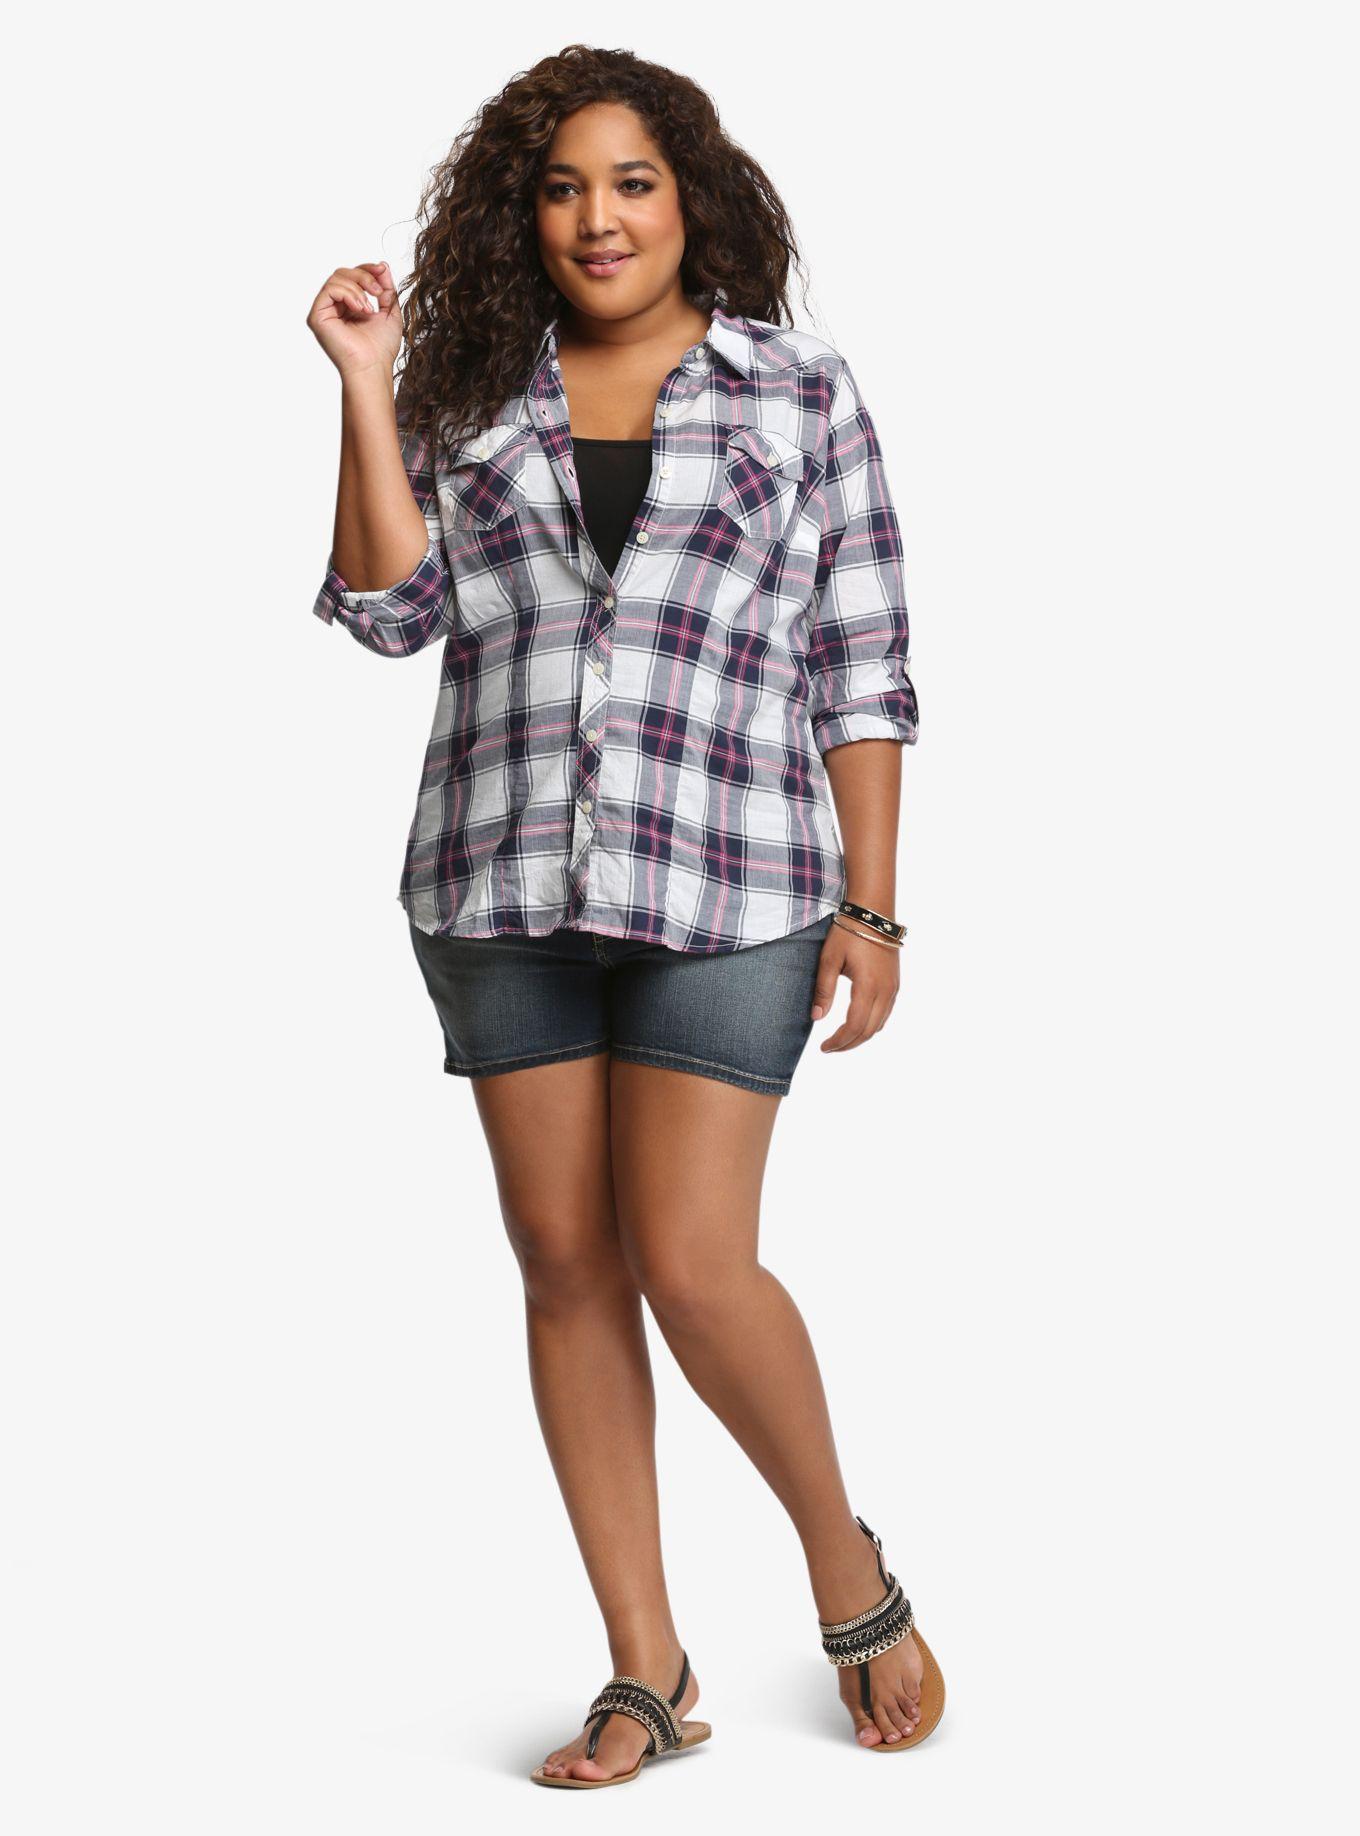 Flannel shirt plus size  Plaid Shirt  Torrid Plaid and White plaid